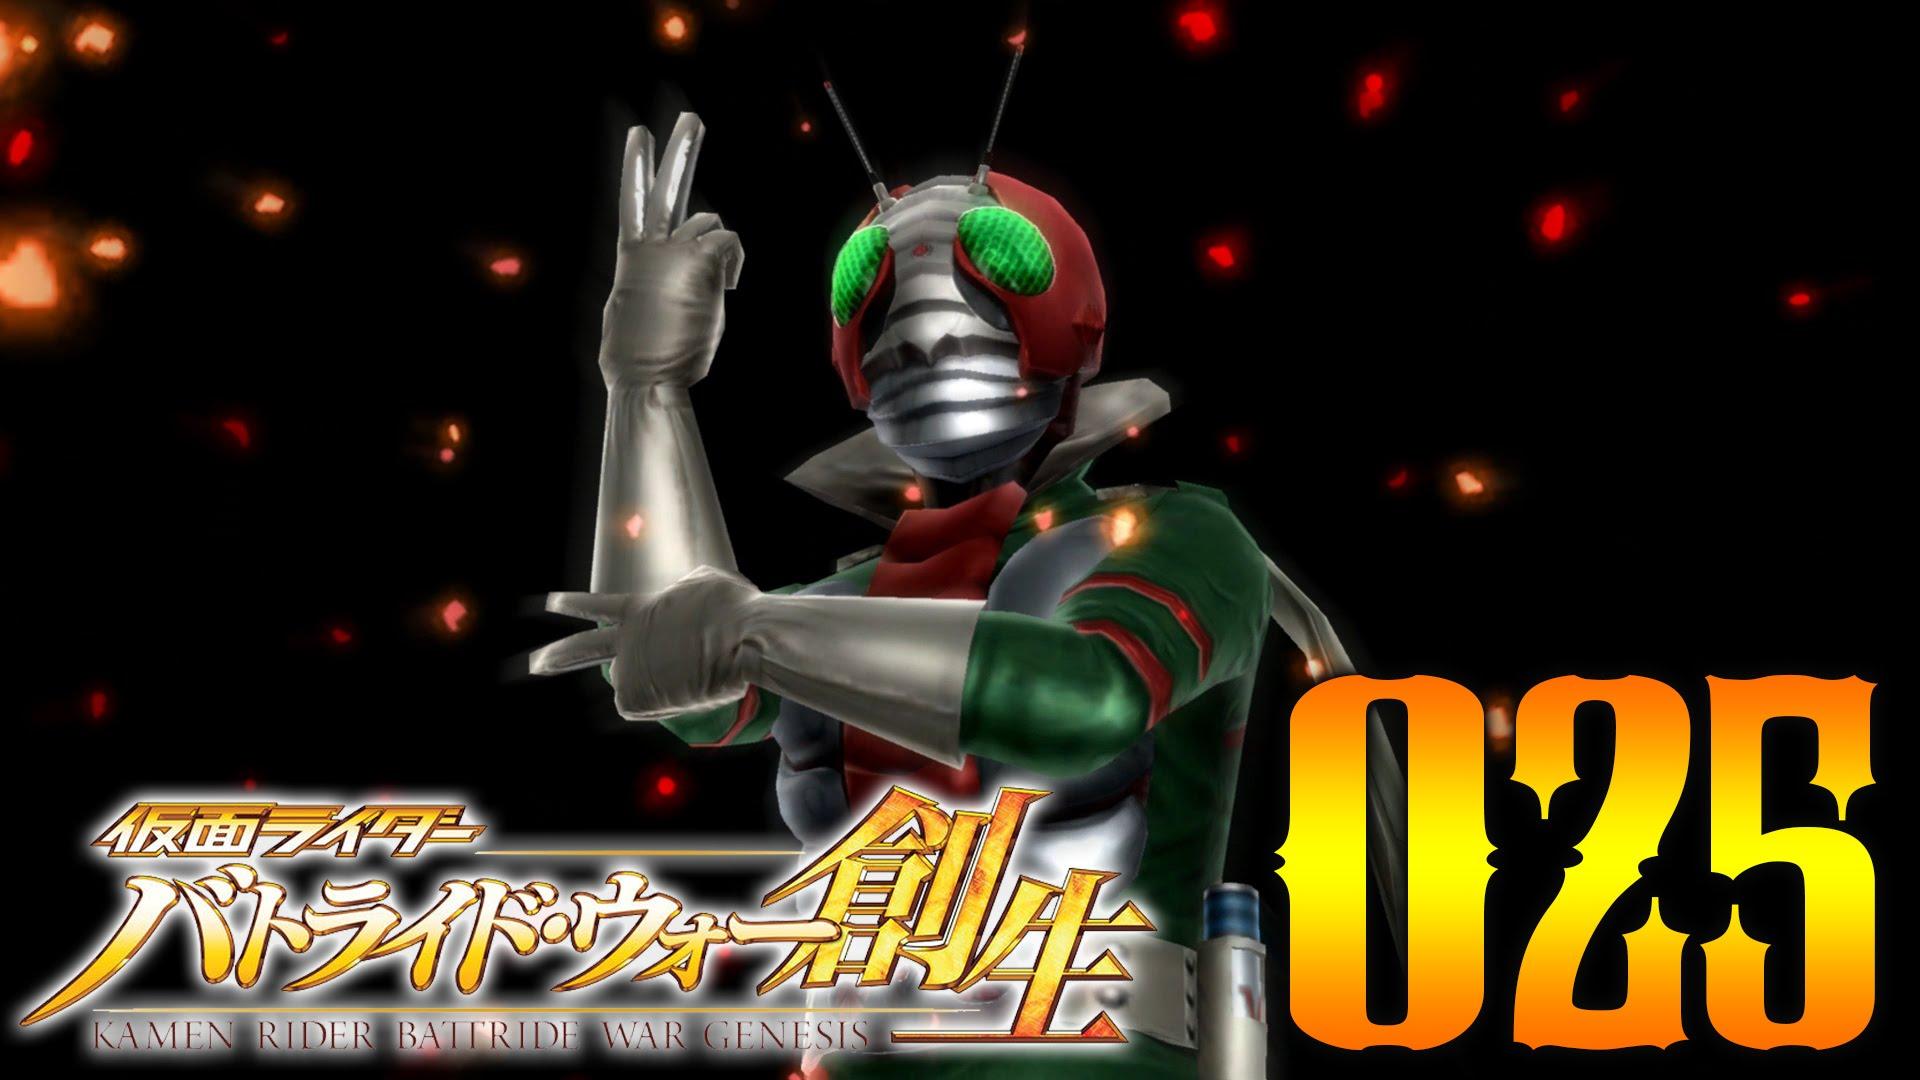 #25 仮面ライダー バトライド・ウォー 創生 【ライダー3号 その名はV3!】